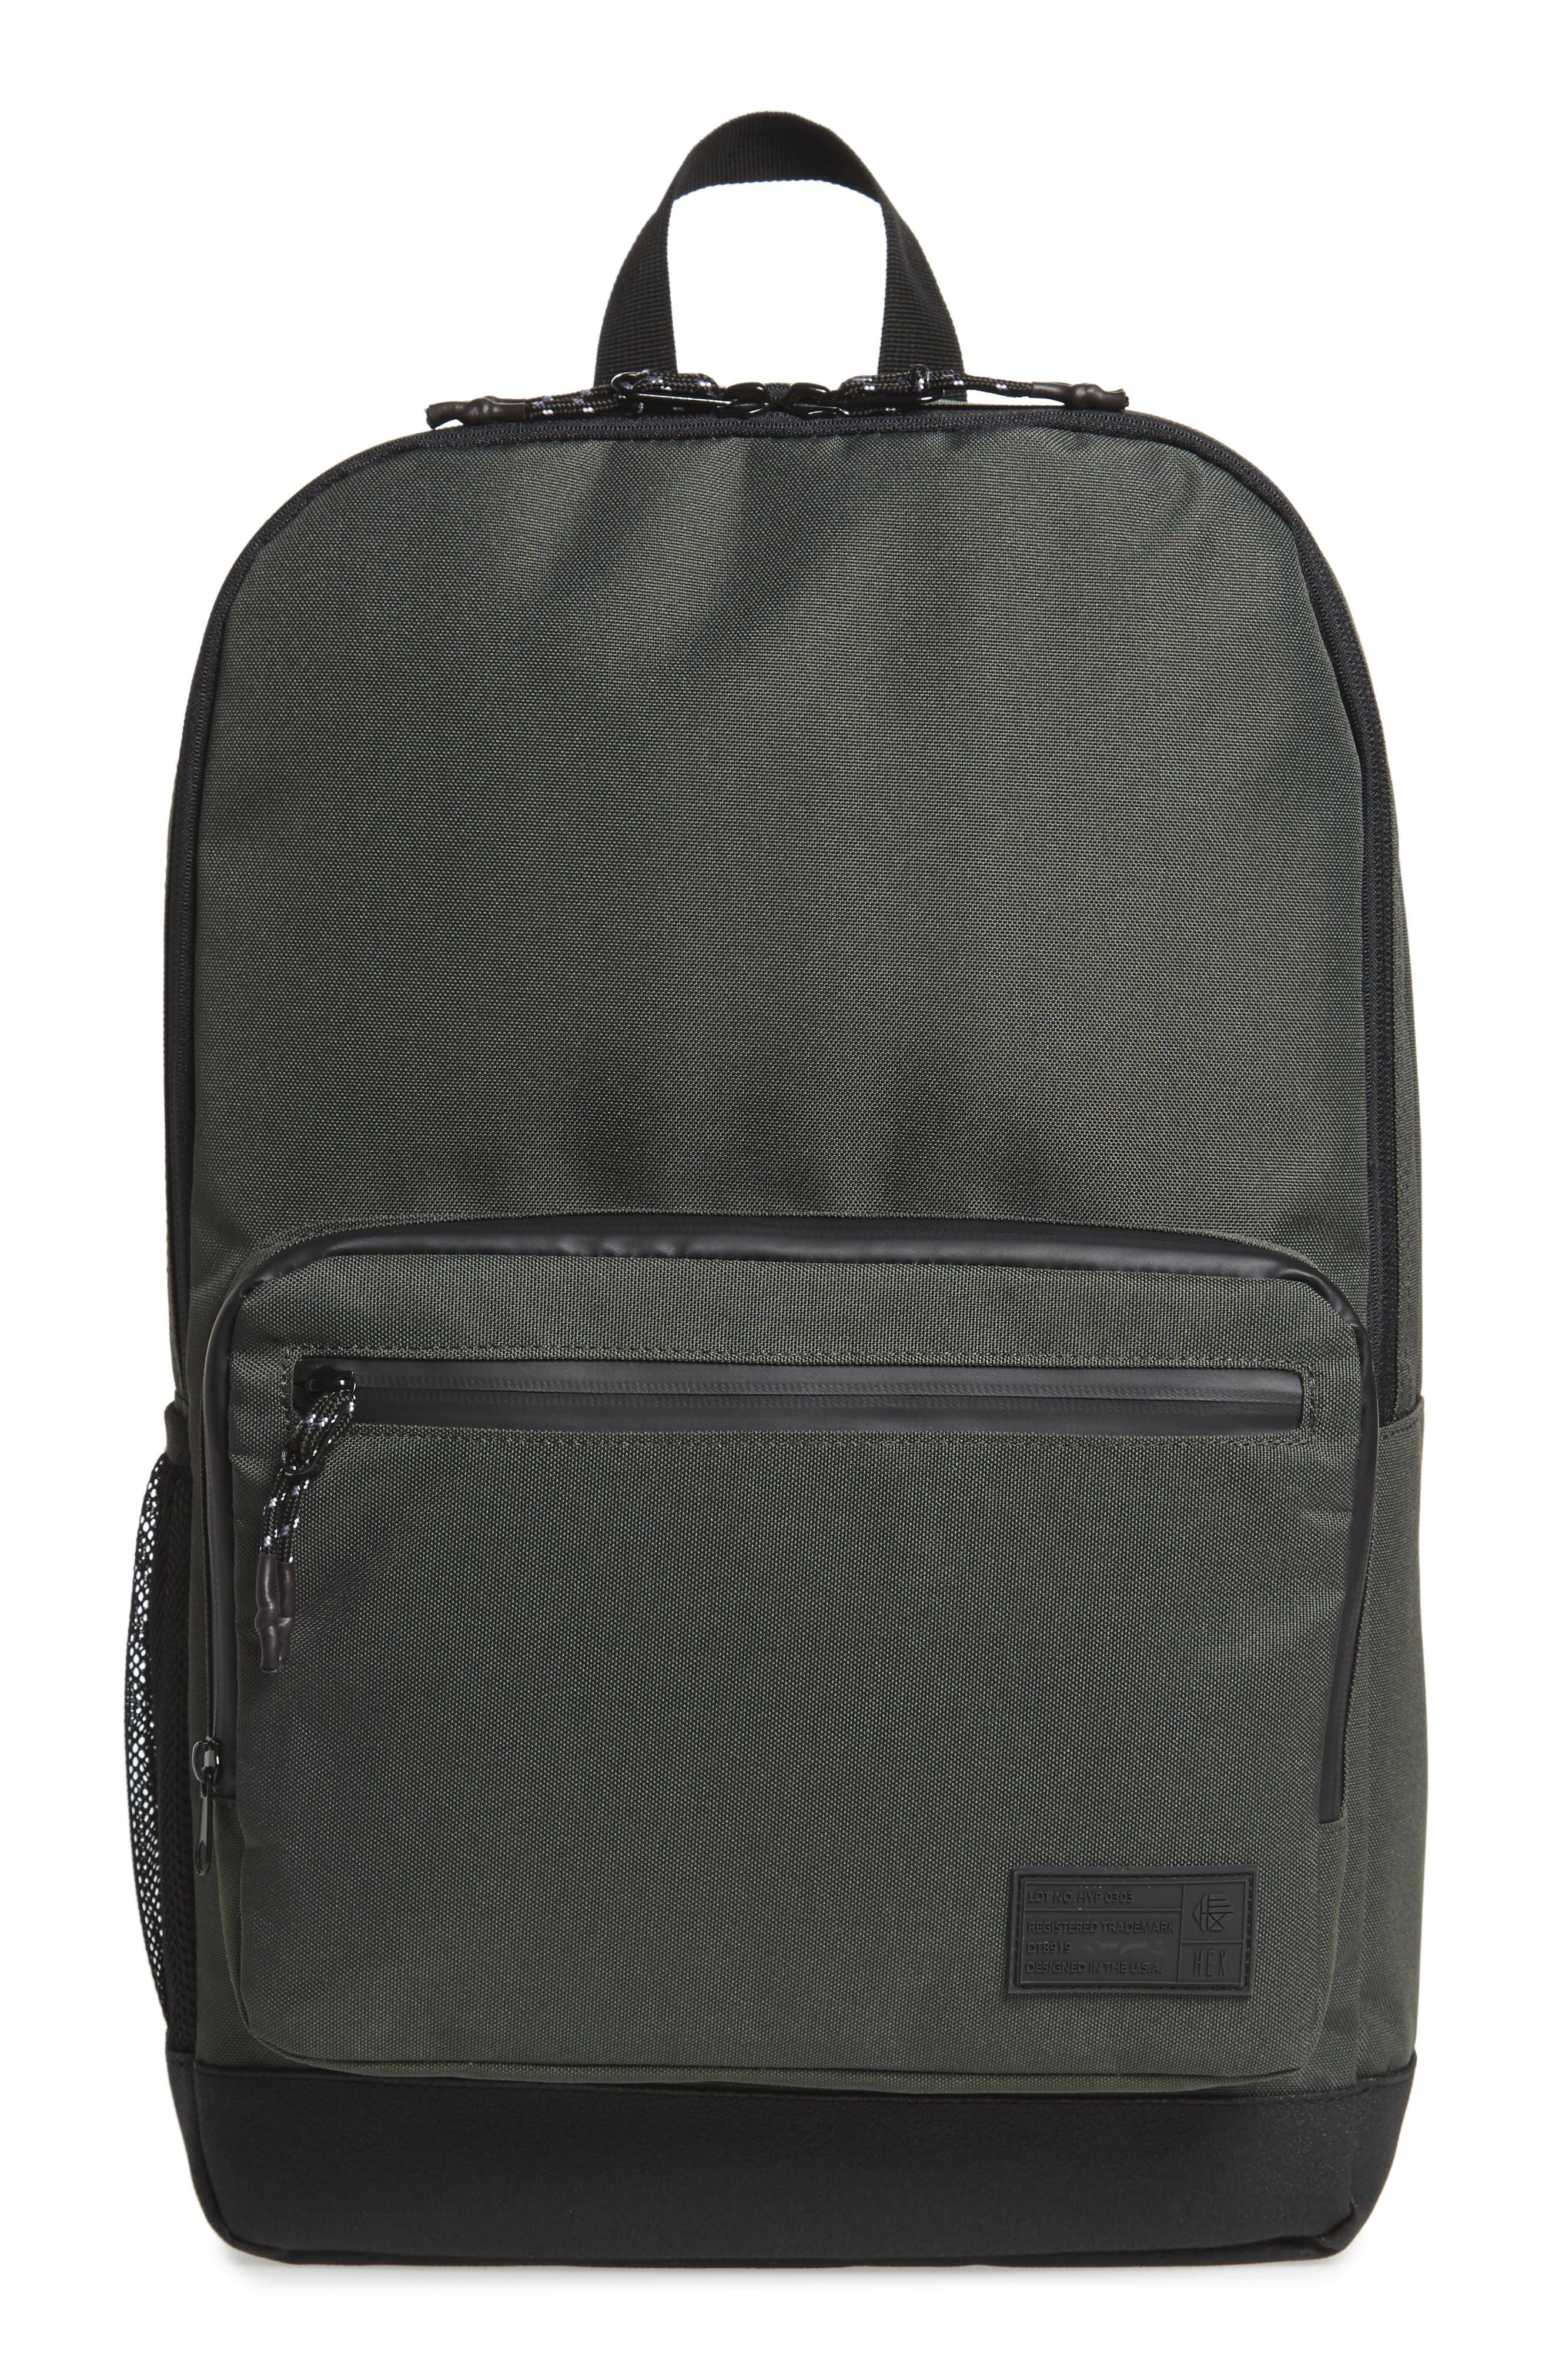 HEX Surf Backpack